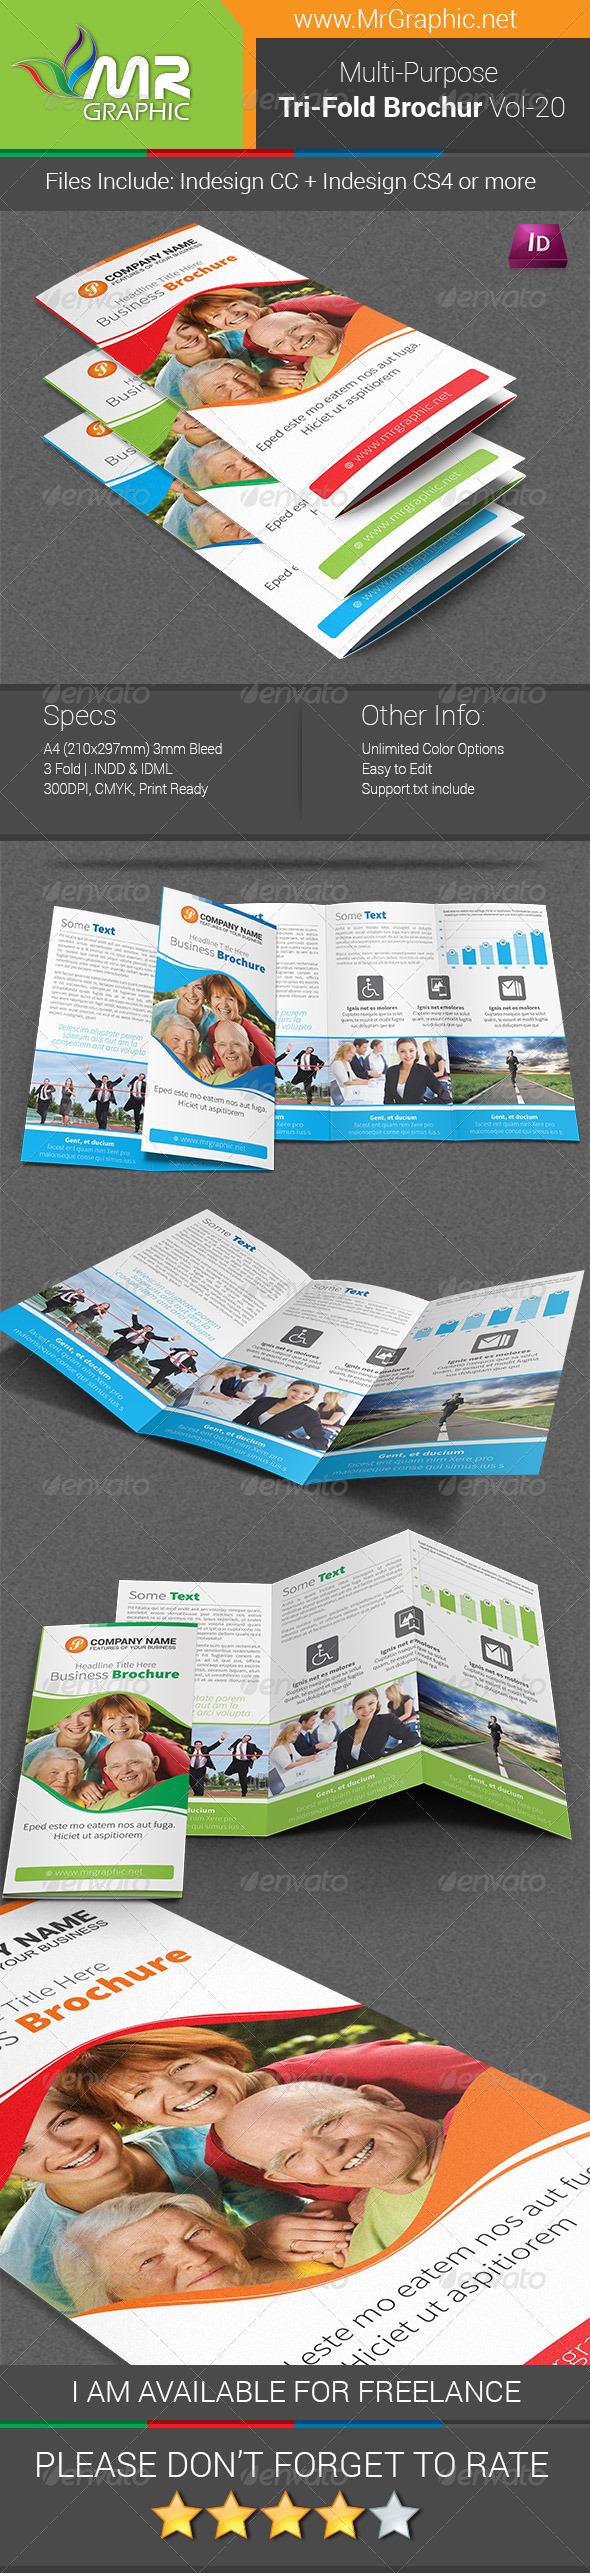 GraphicRiver Multipurpose Business Tri-Fold Brochure Vol-20 7470737